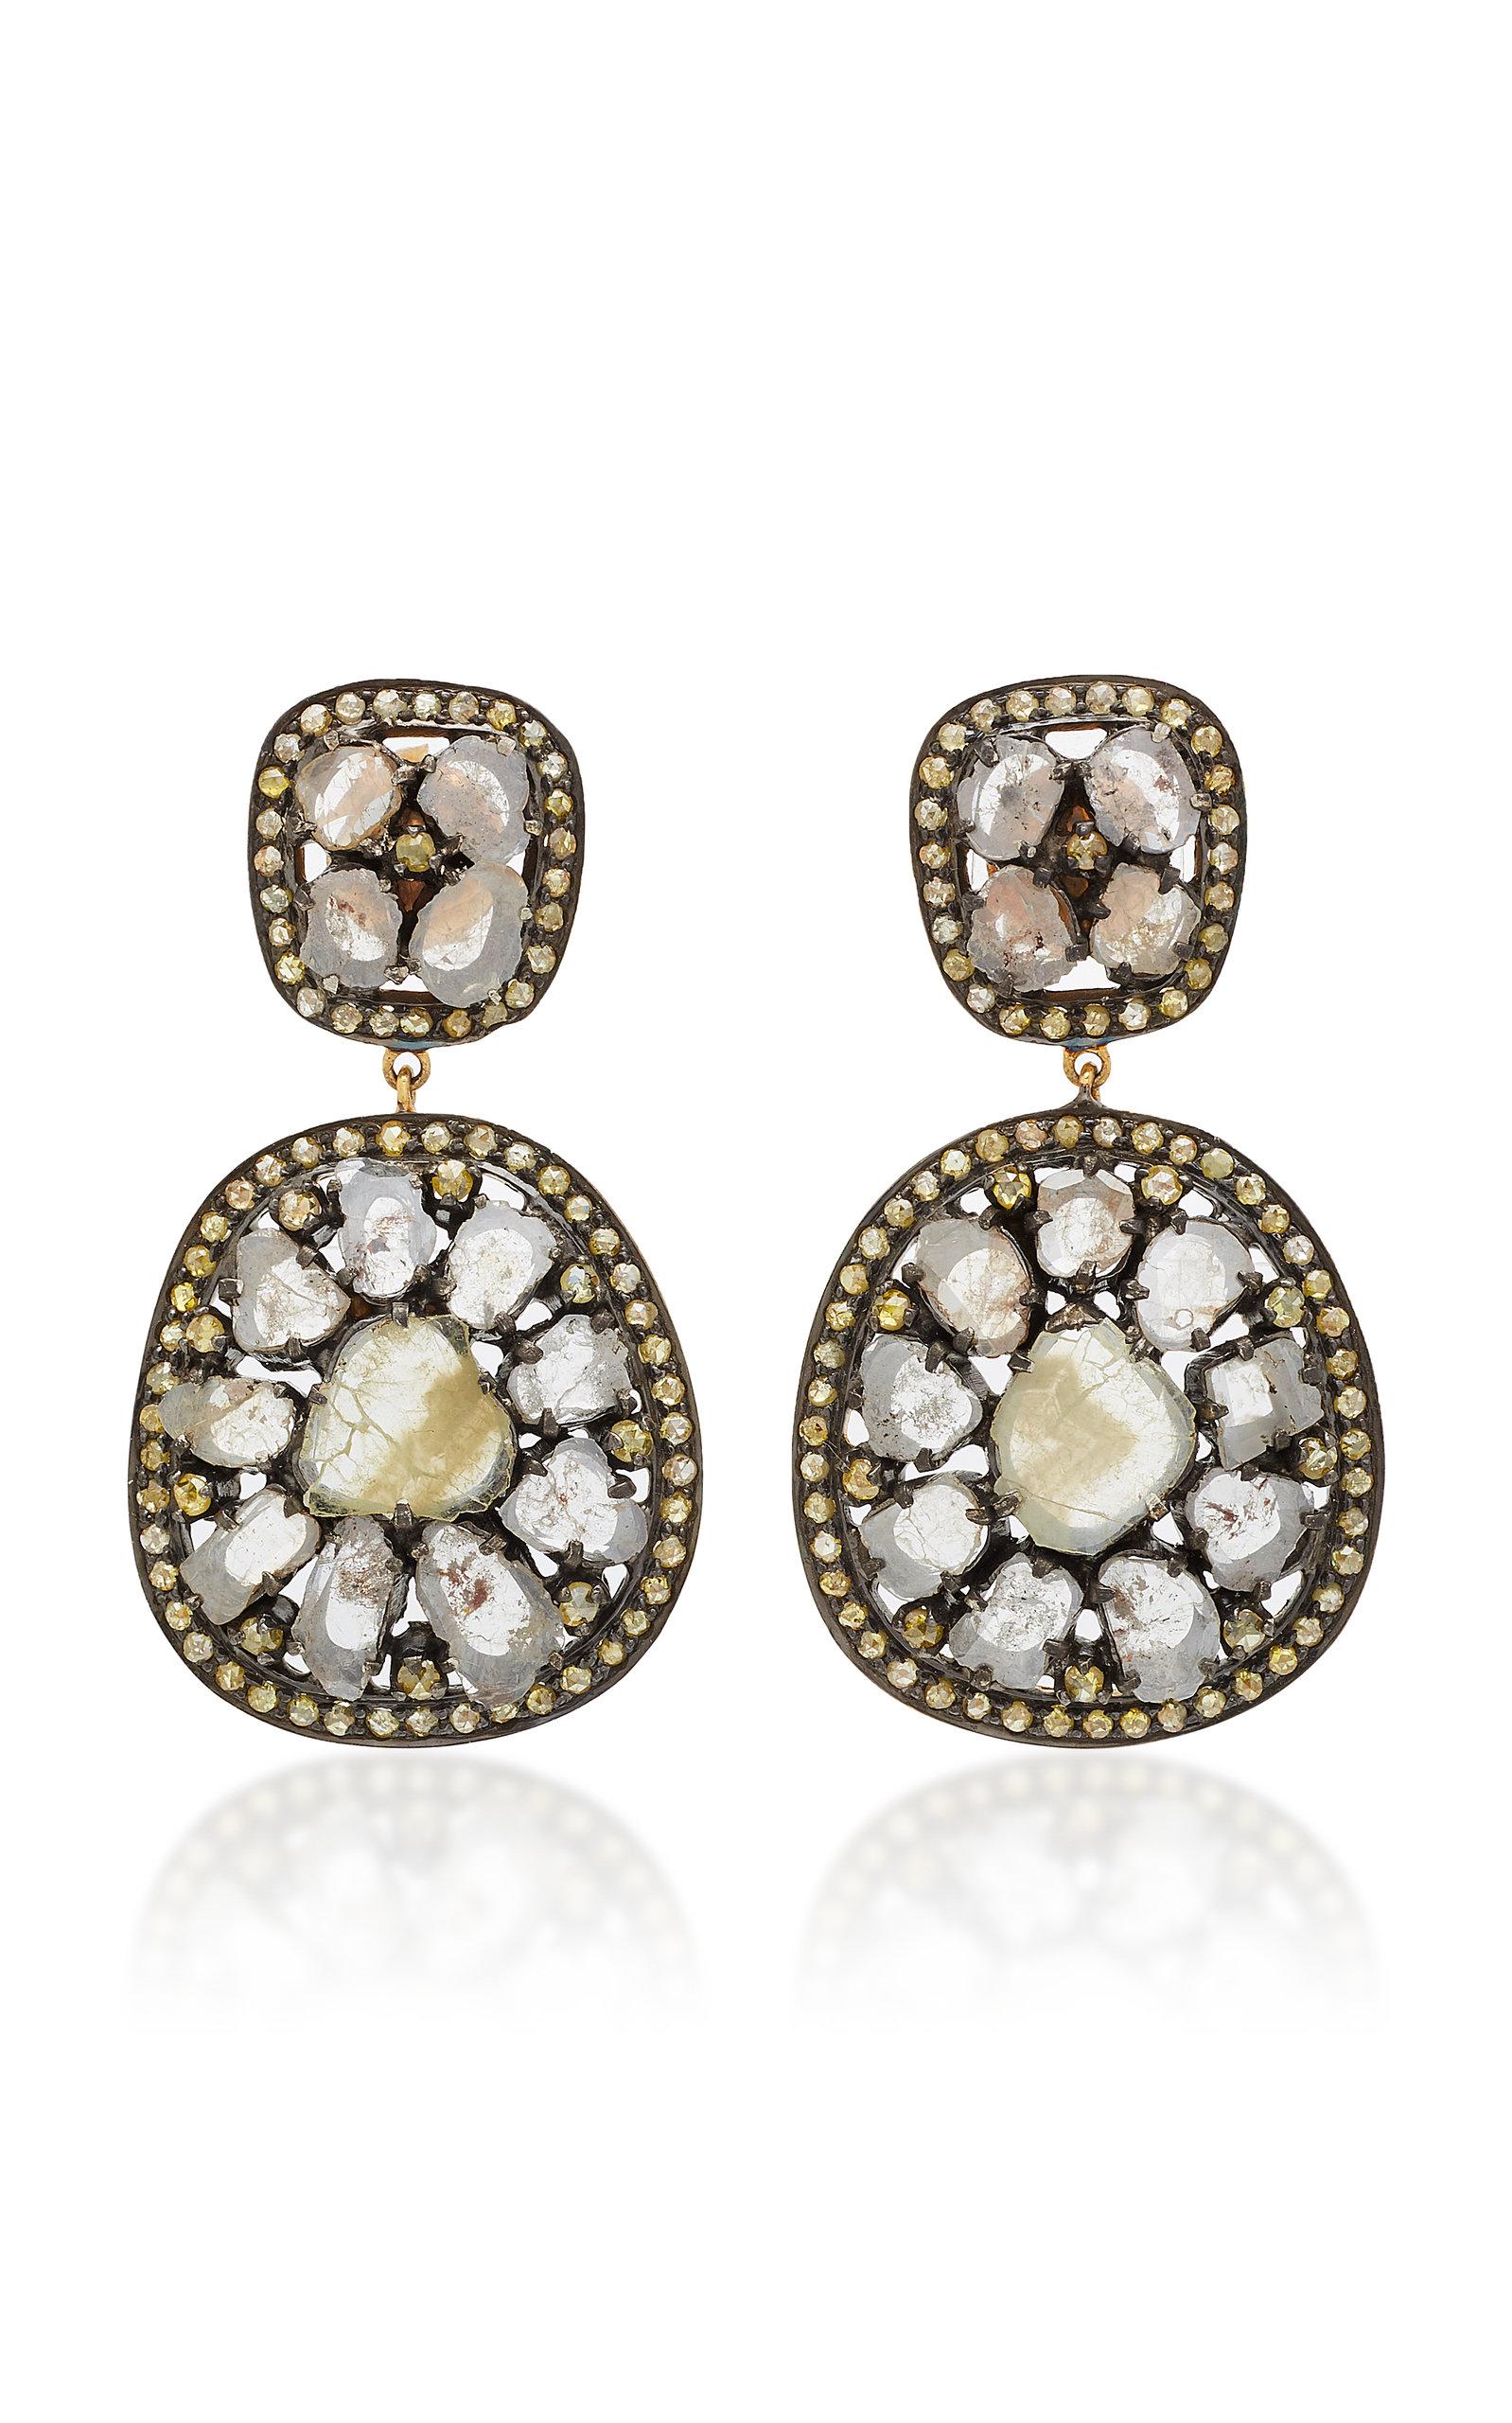 14K Gold Diamond And Bakelite Earrings Amrapali BrPrHJi